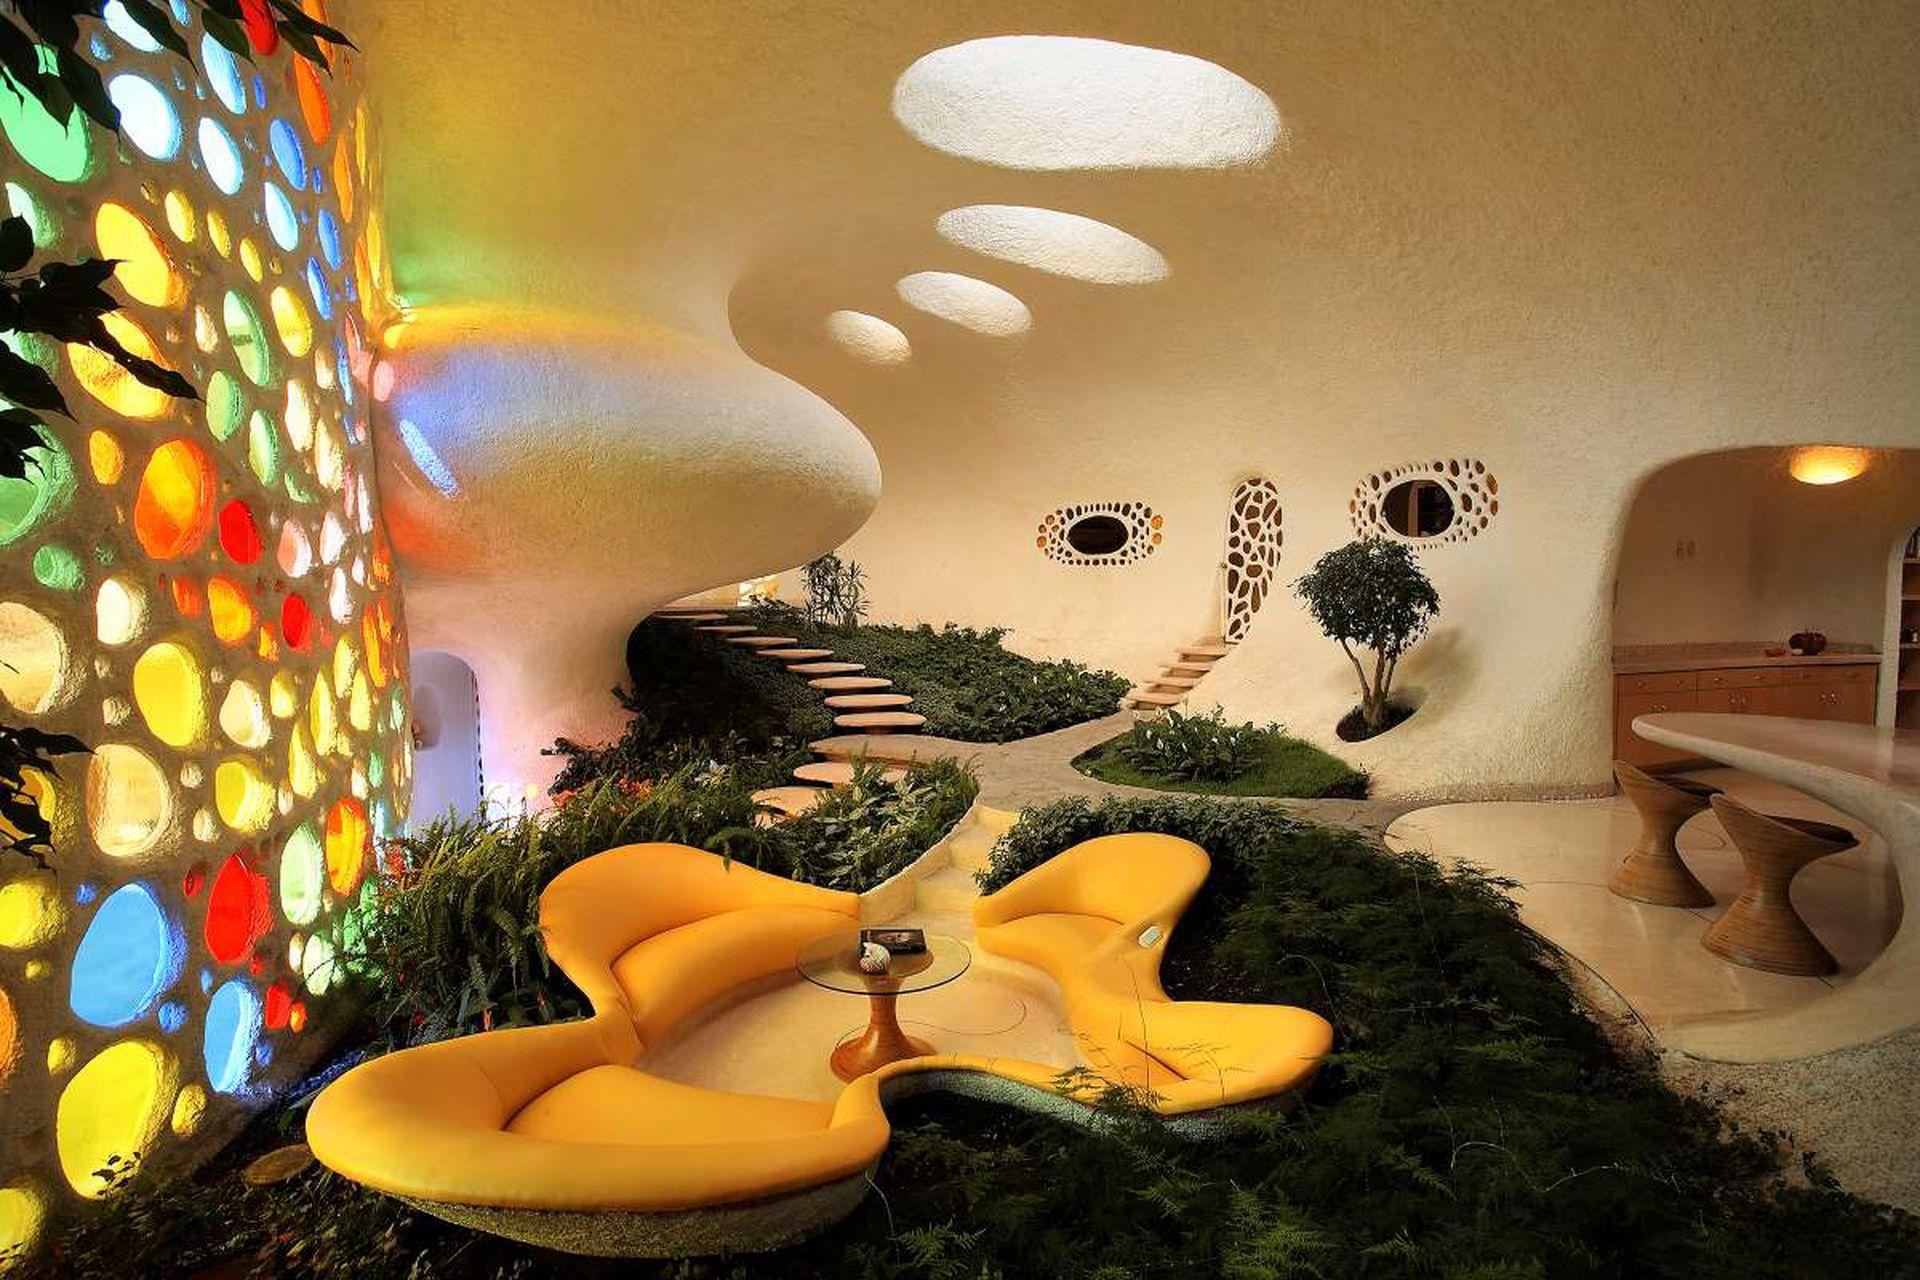 Interior de Nautilus, una de las casas diseñadas por Senosiain en México, inspirada en la naturaleza marina.